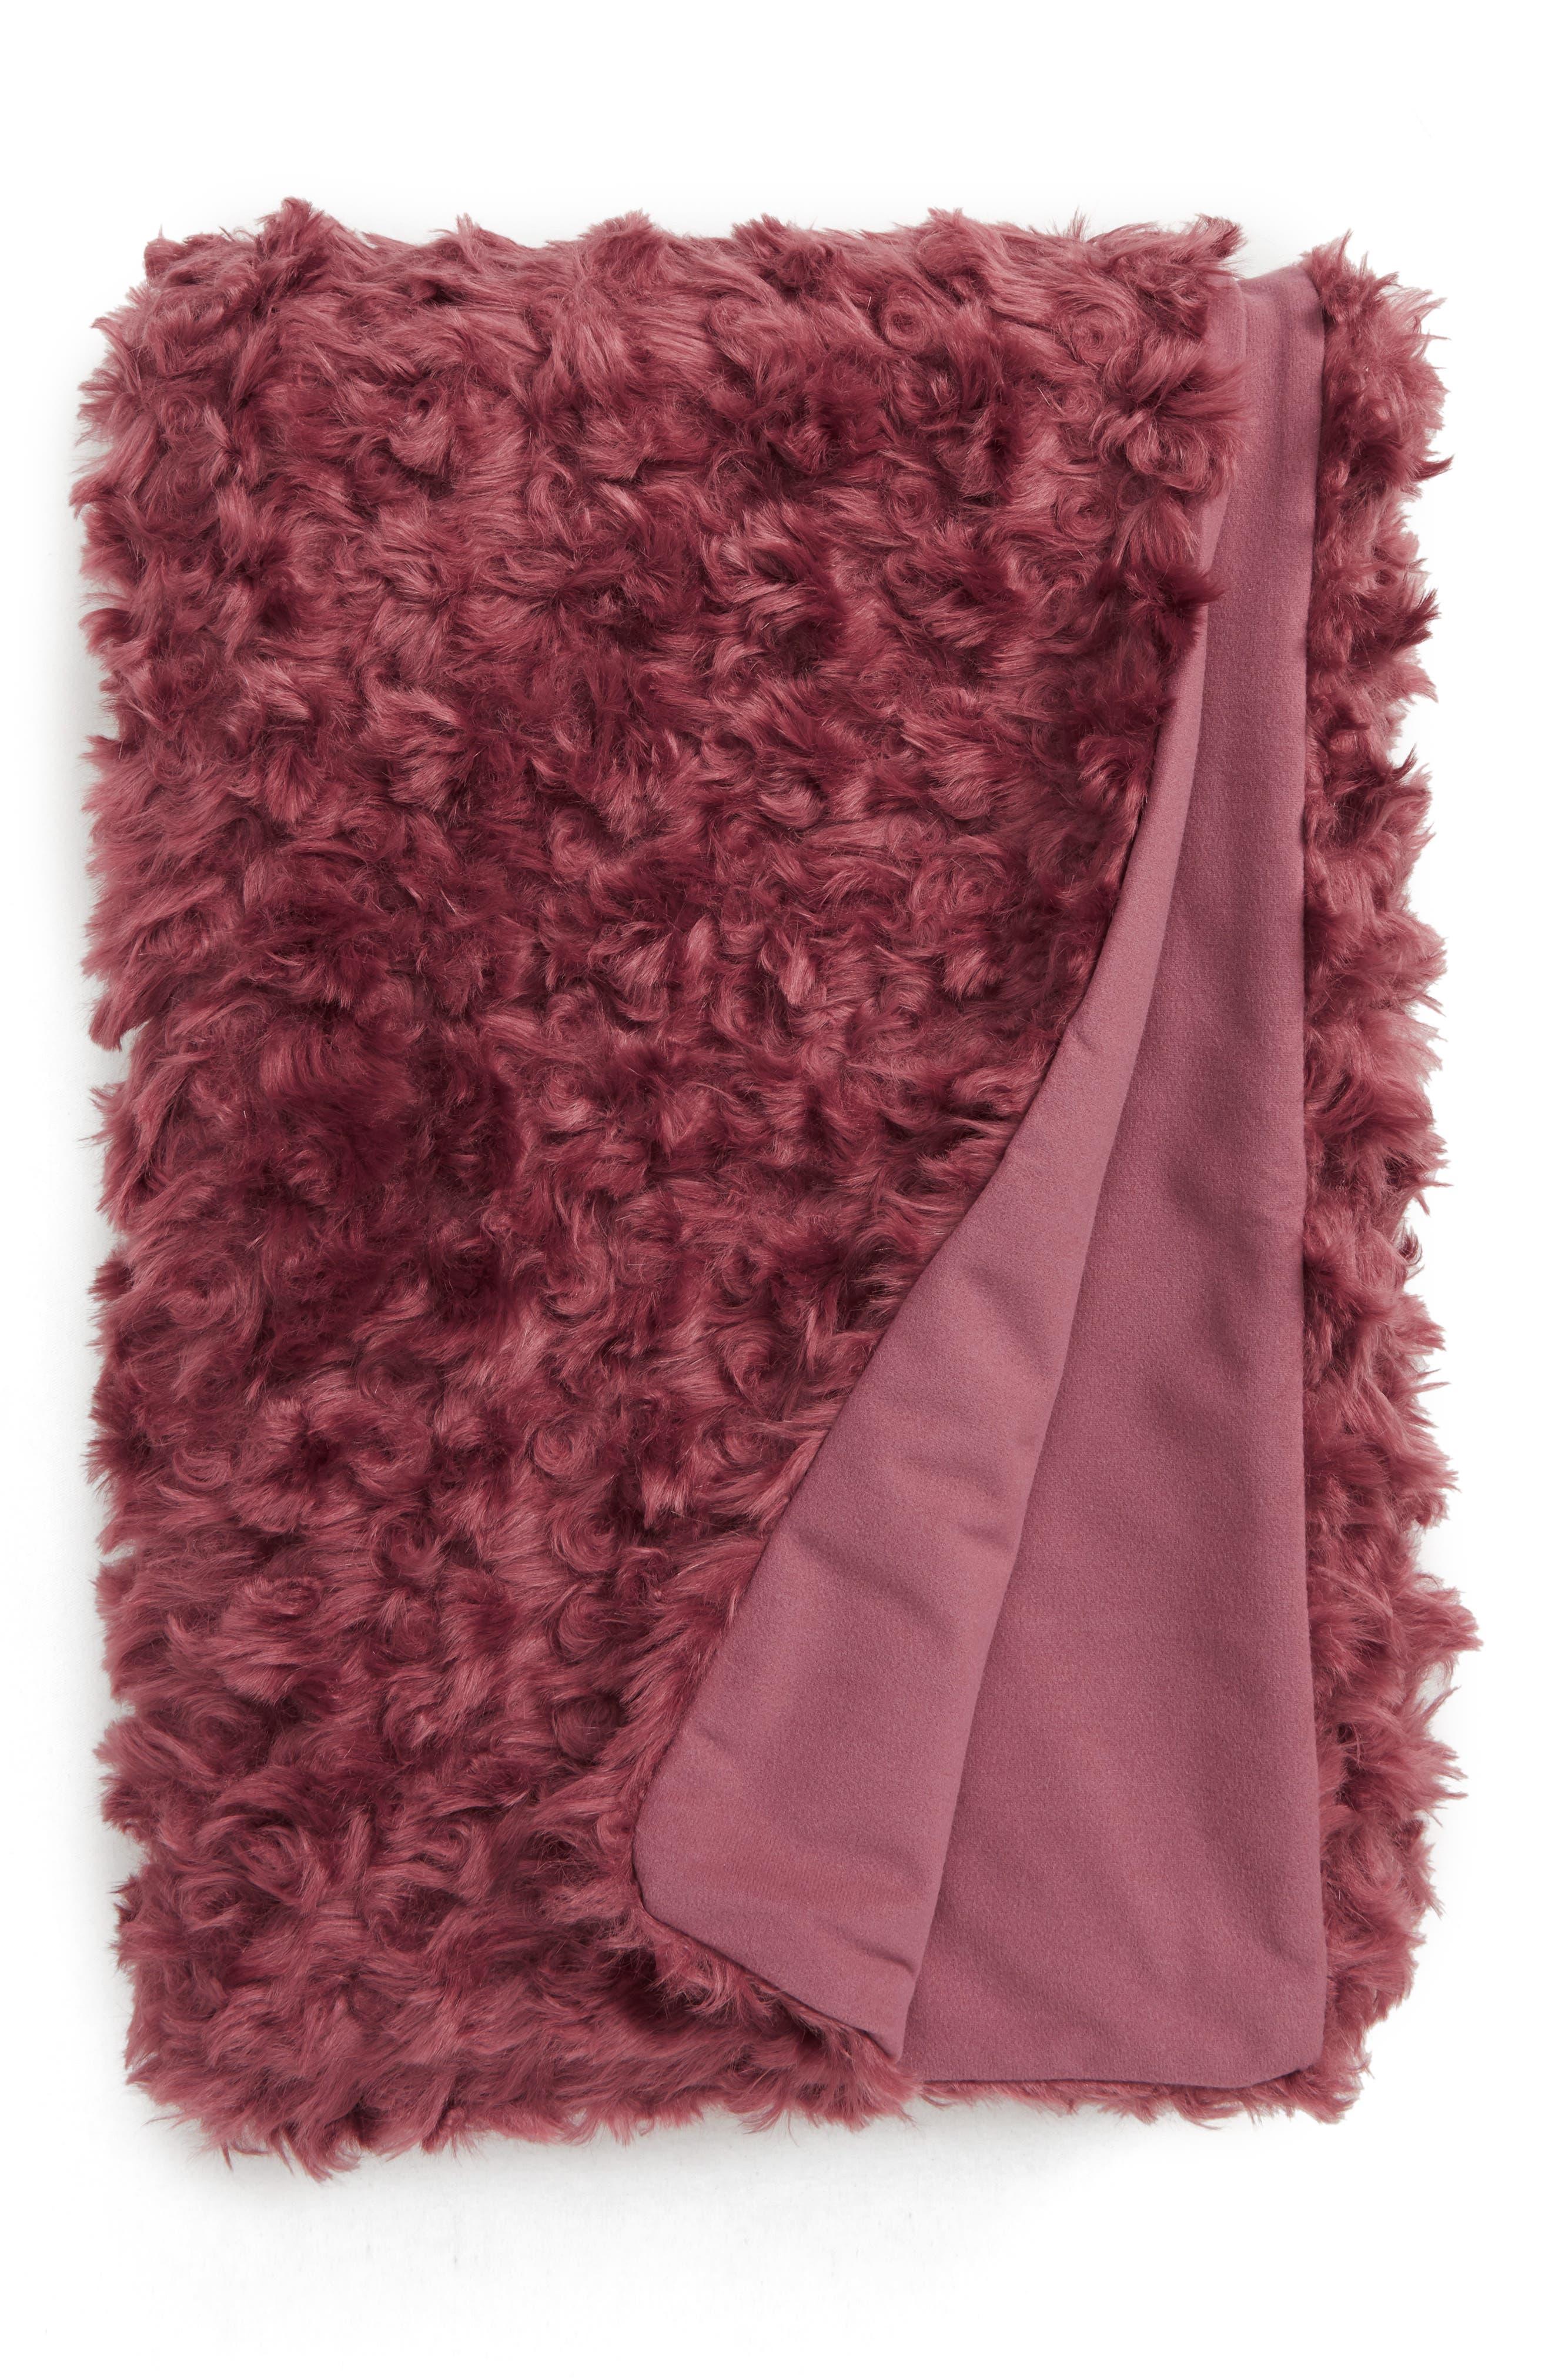 TREASURE & BOND, Curly Faux Fur Throw, Main thumbnail 1, color, BROWN ROSE